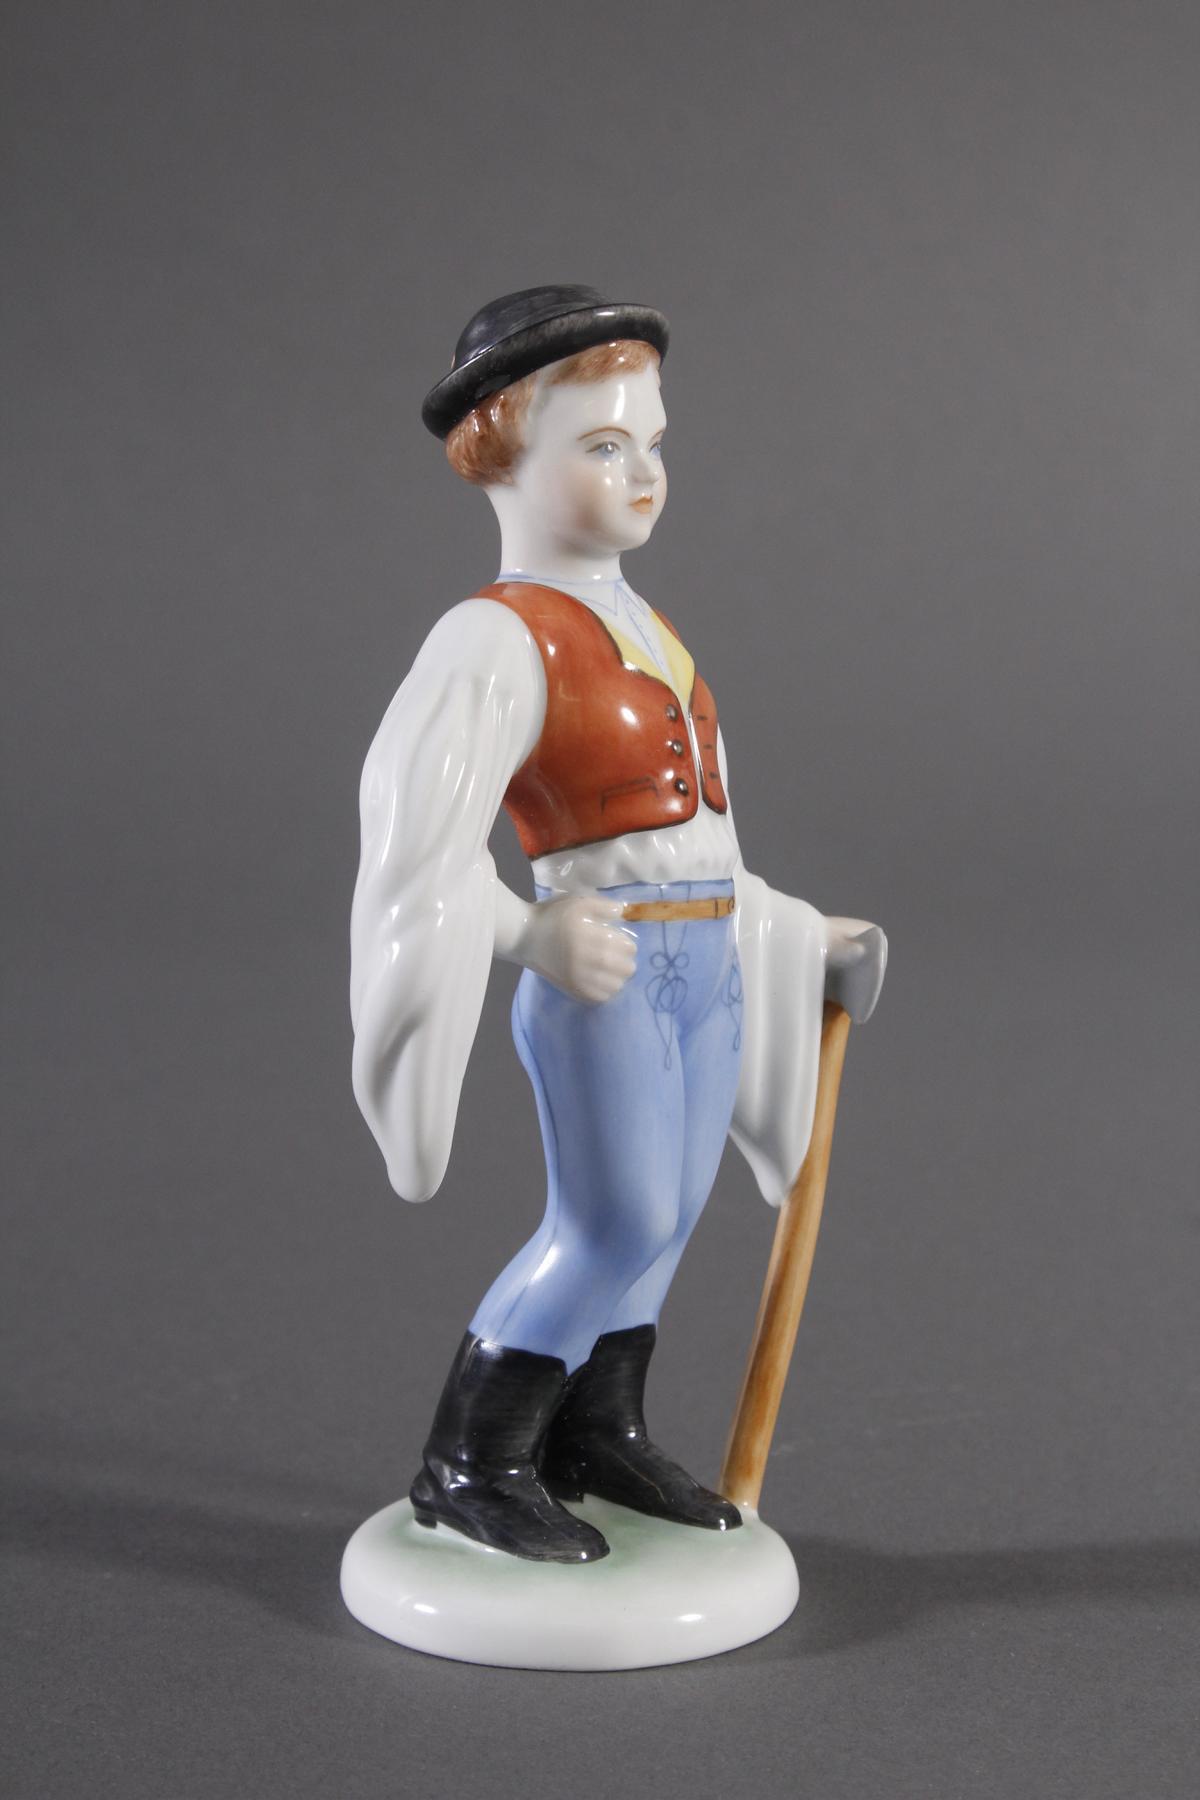 Herend-Figur, Ungarn, 'Trachten Junge mit Axt'-2